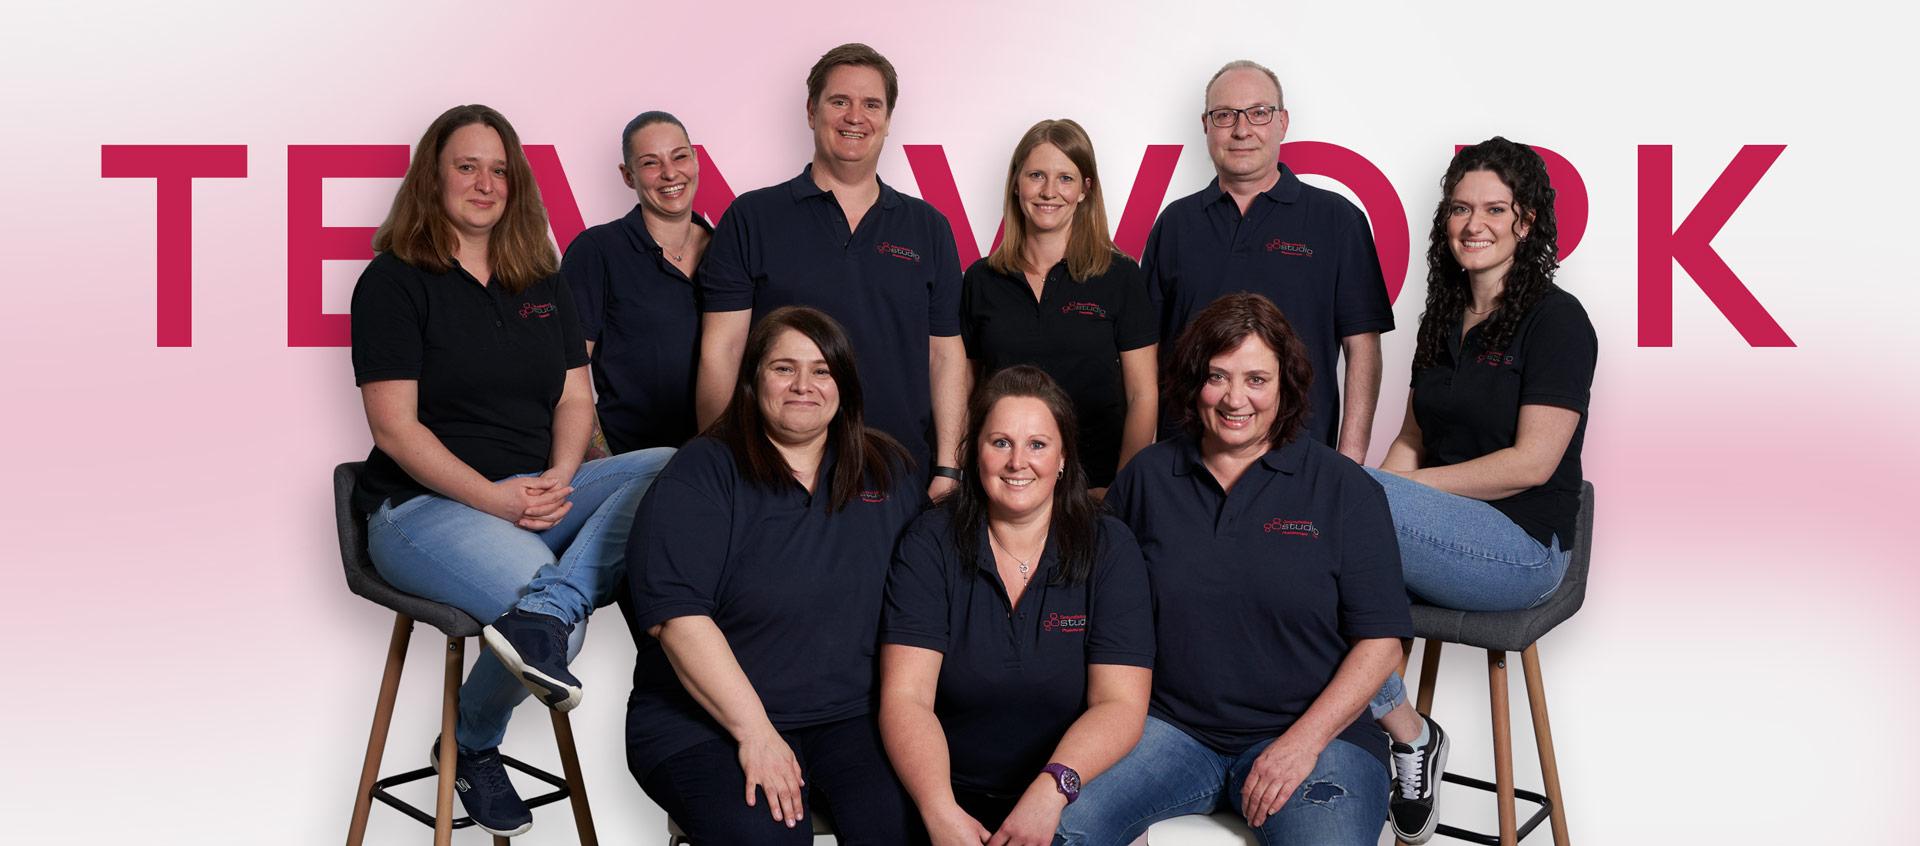 Gesundheisstudio Ulm Team